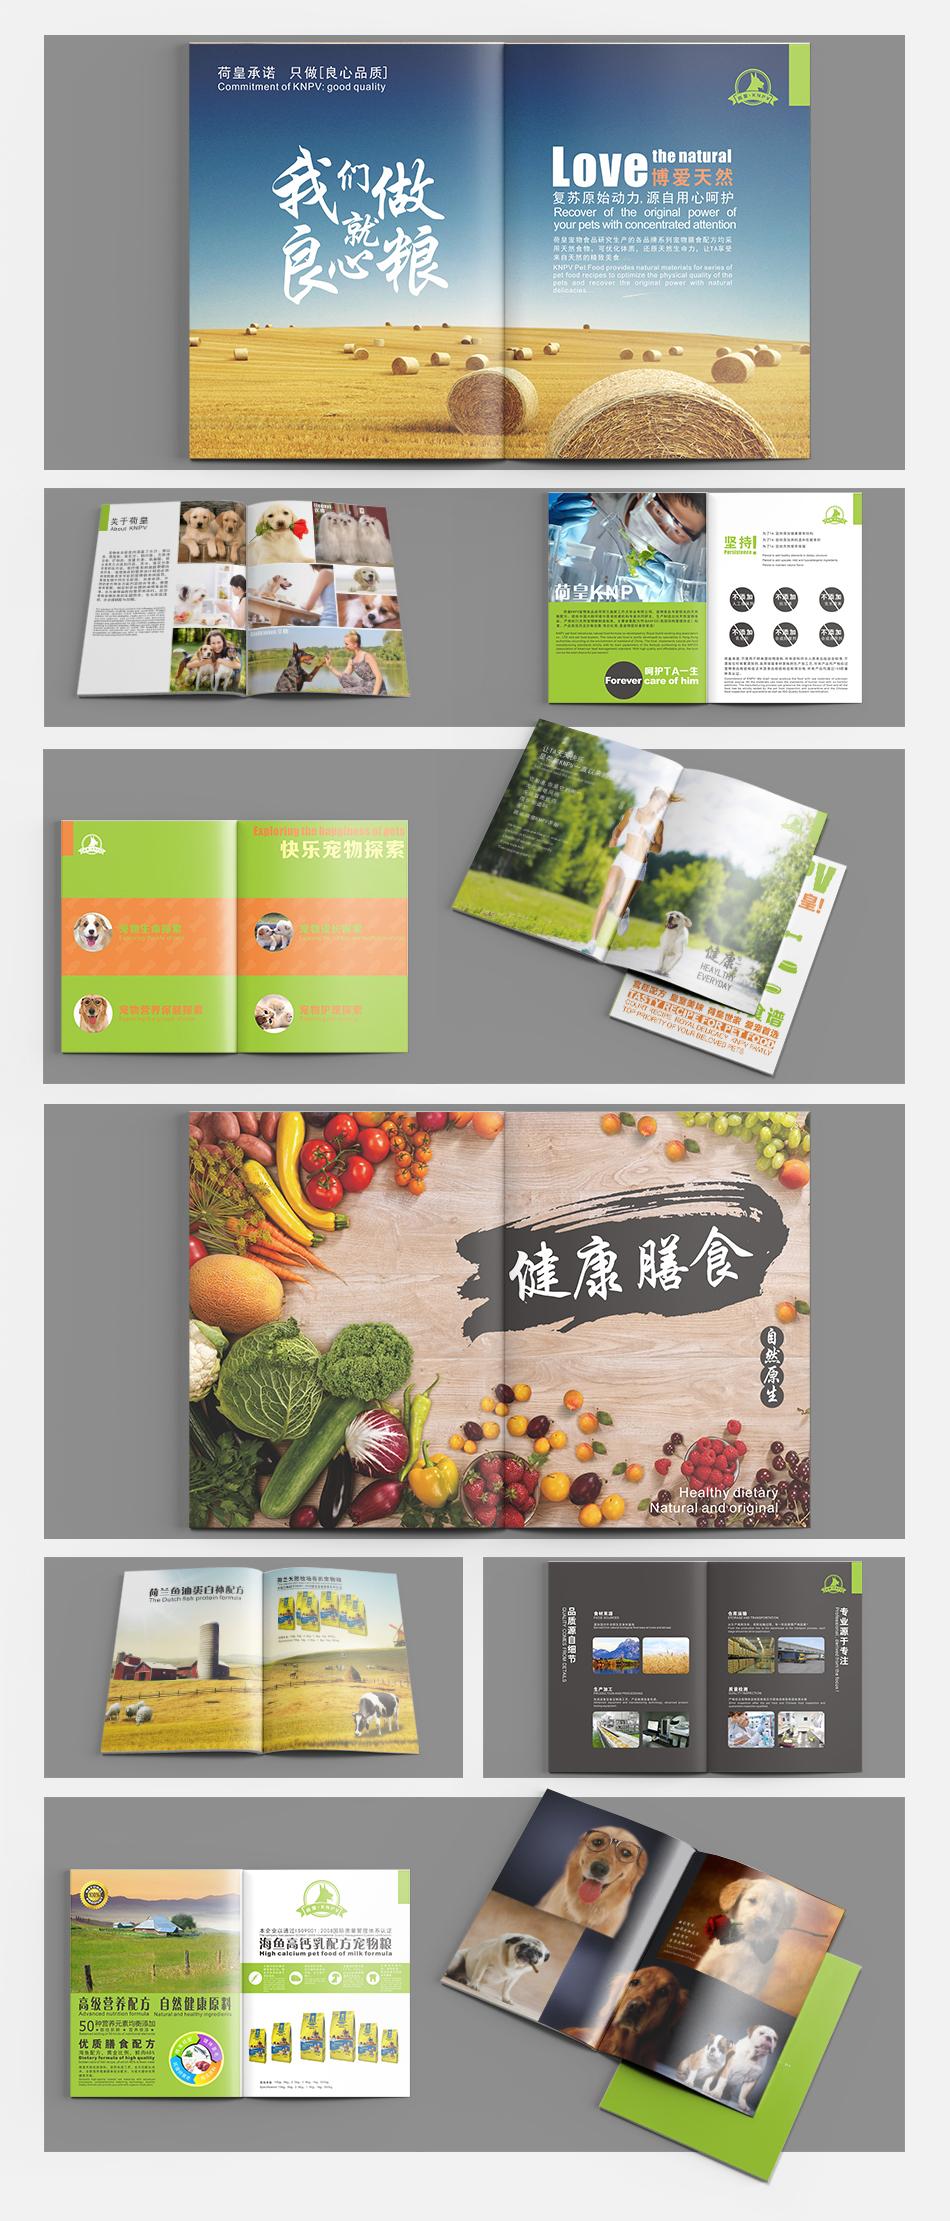 伽马龙品牌画册设计-宠物粮画册.jpg